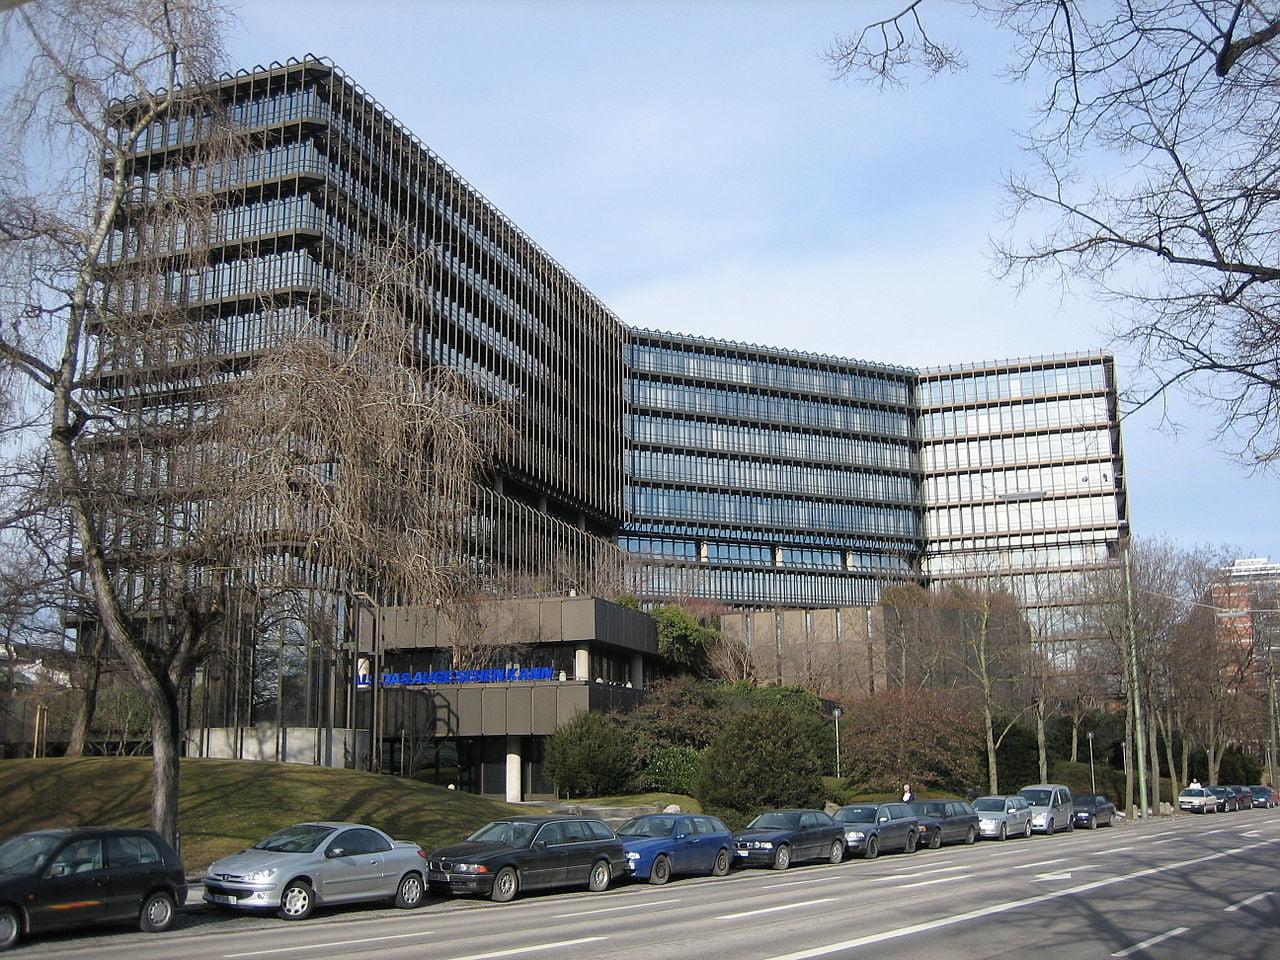 Siedziba Europejskiego Urzędu Patentowego